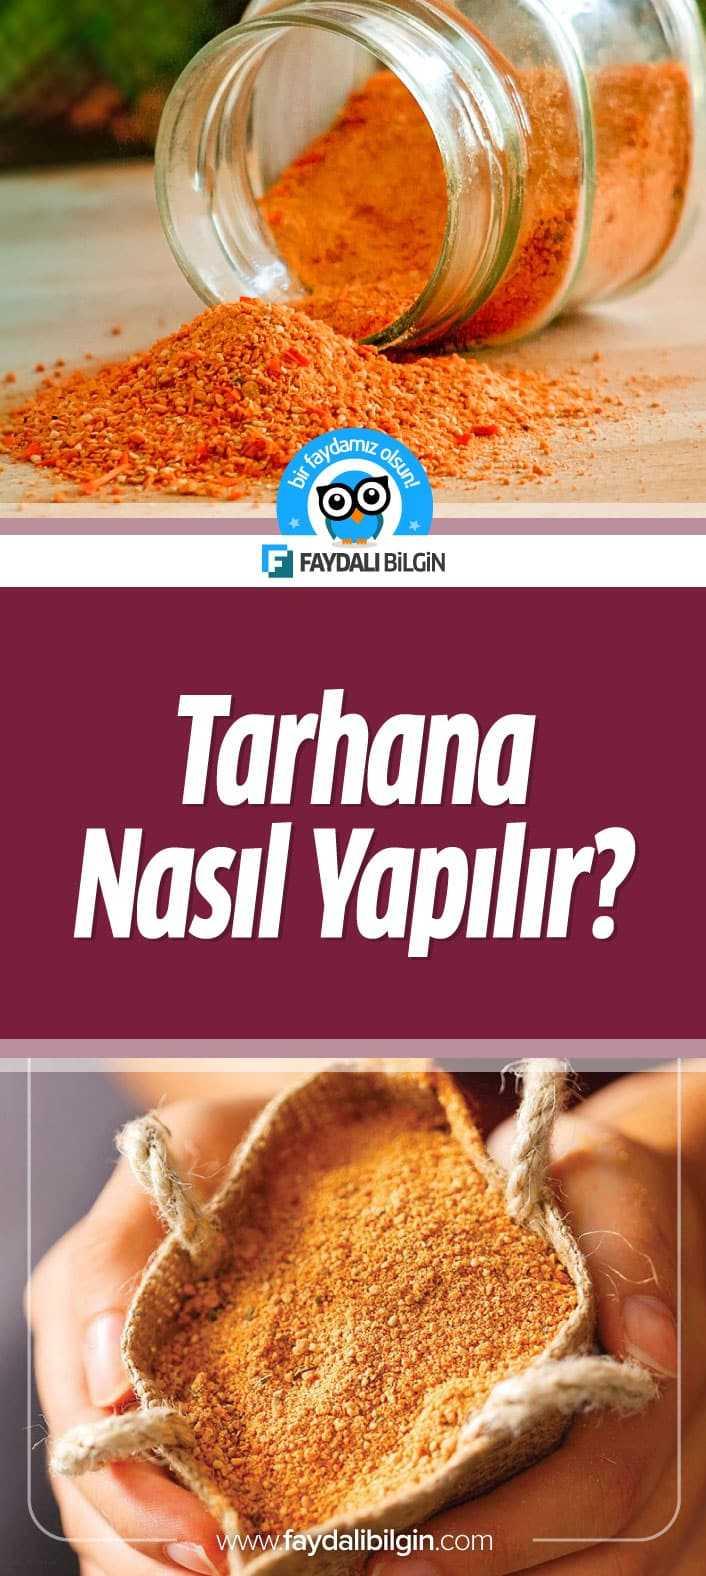 Nefis Yemek Tarifleri kanalının hazırladığı Tarhana Tarifi. Geleneksel yiyeceğimiz olan ev yapımı tarhana tarifini sizler için paylaşıyoruz.